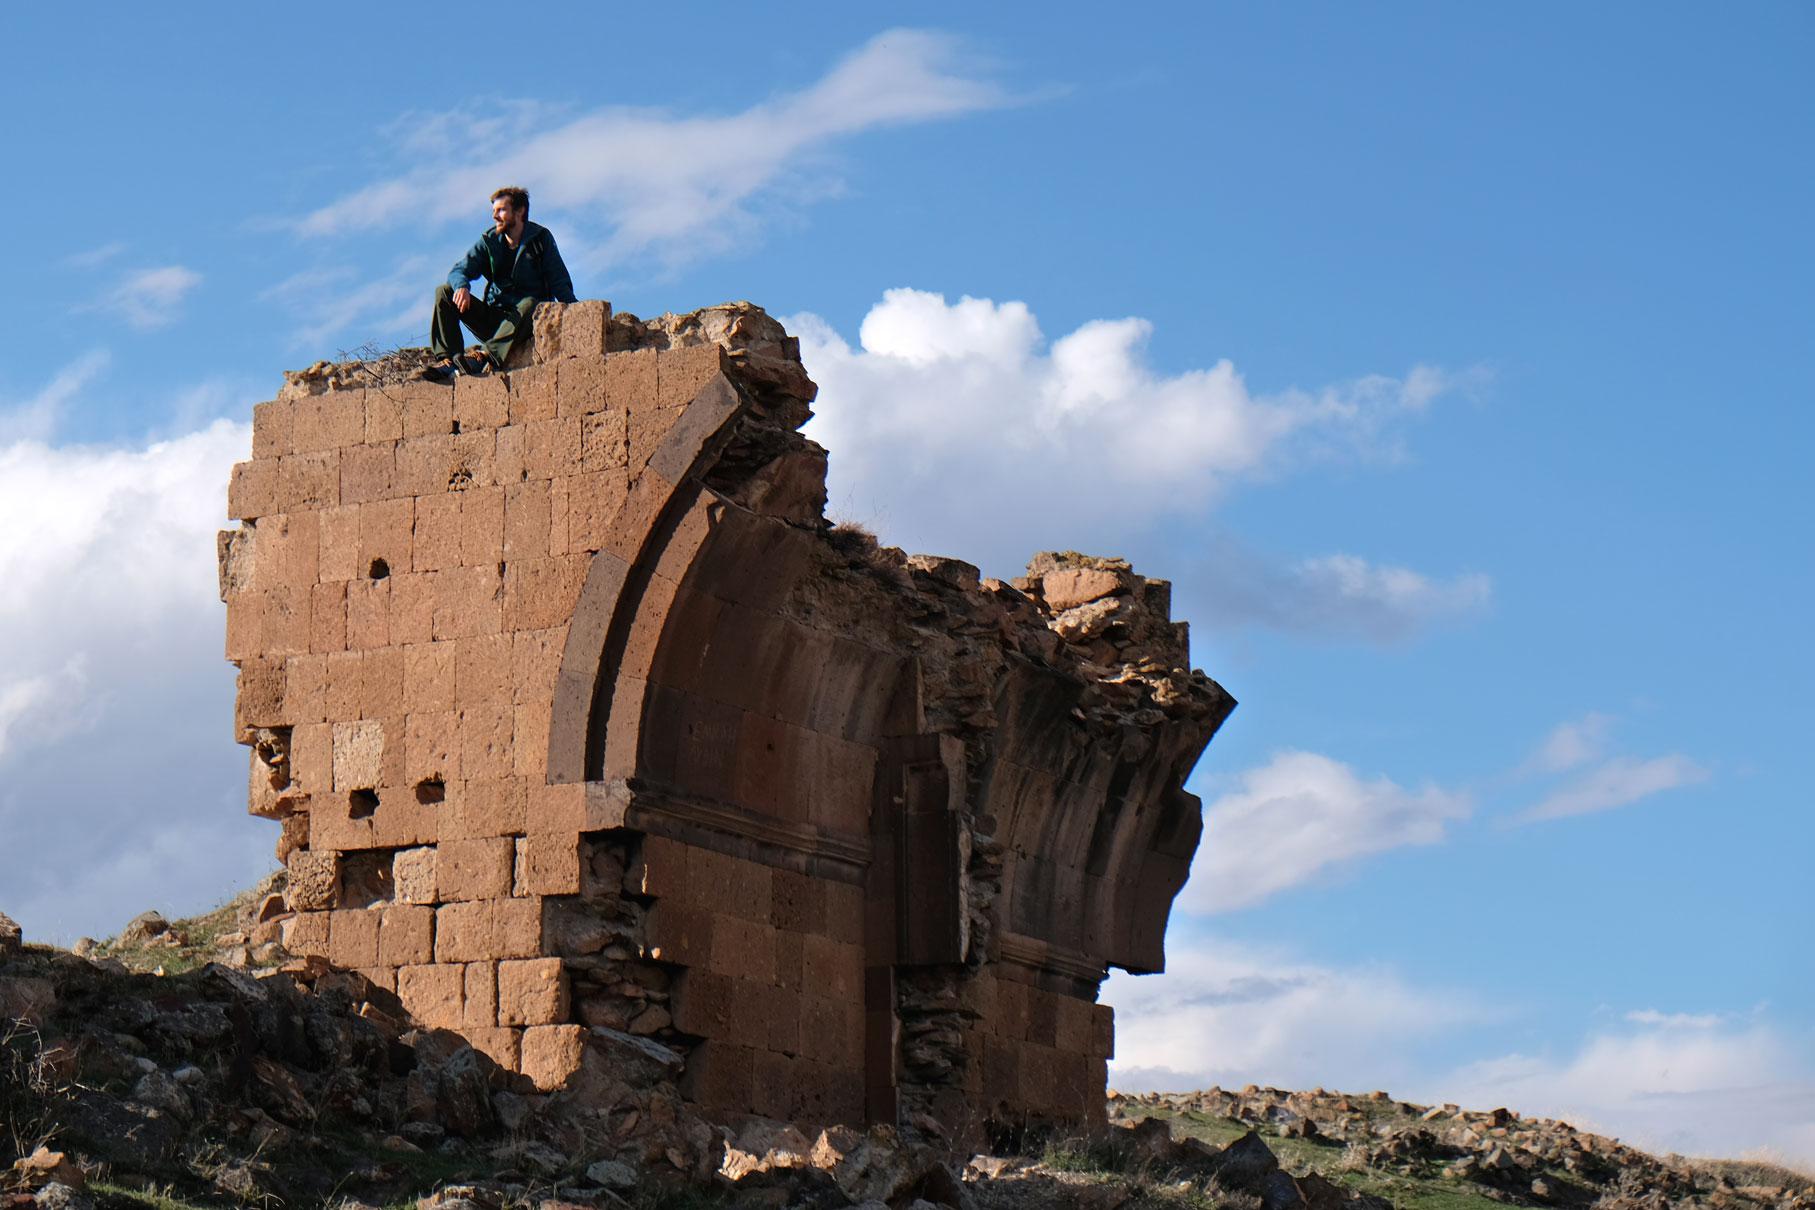 Sebastian sitzt auf einer Ruine